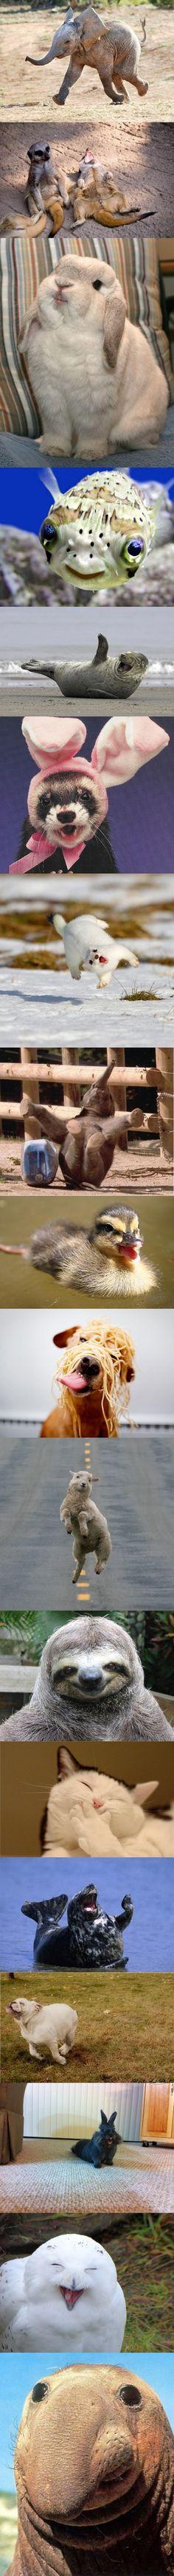 Happy Animals(: